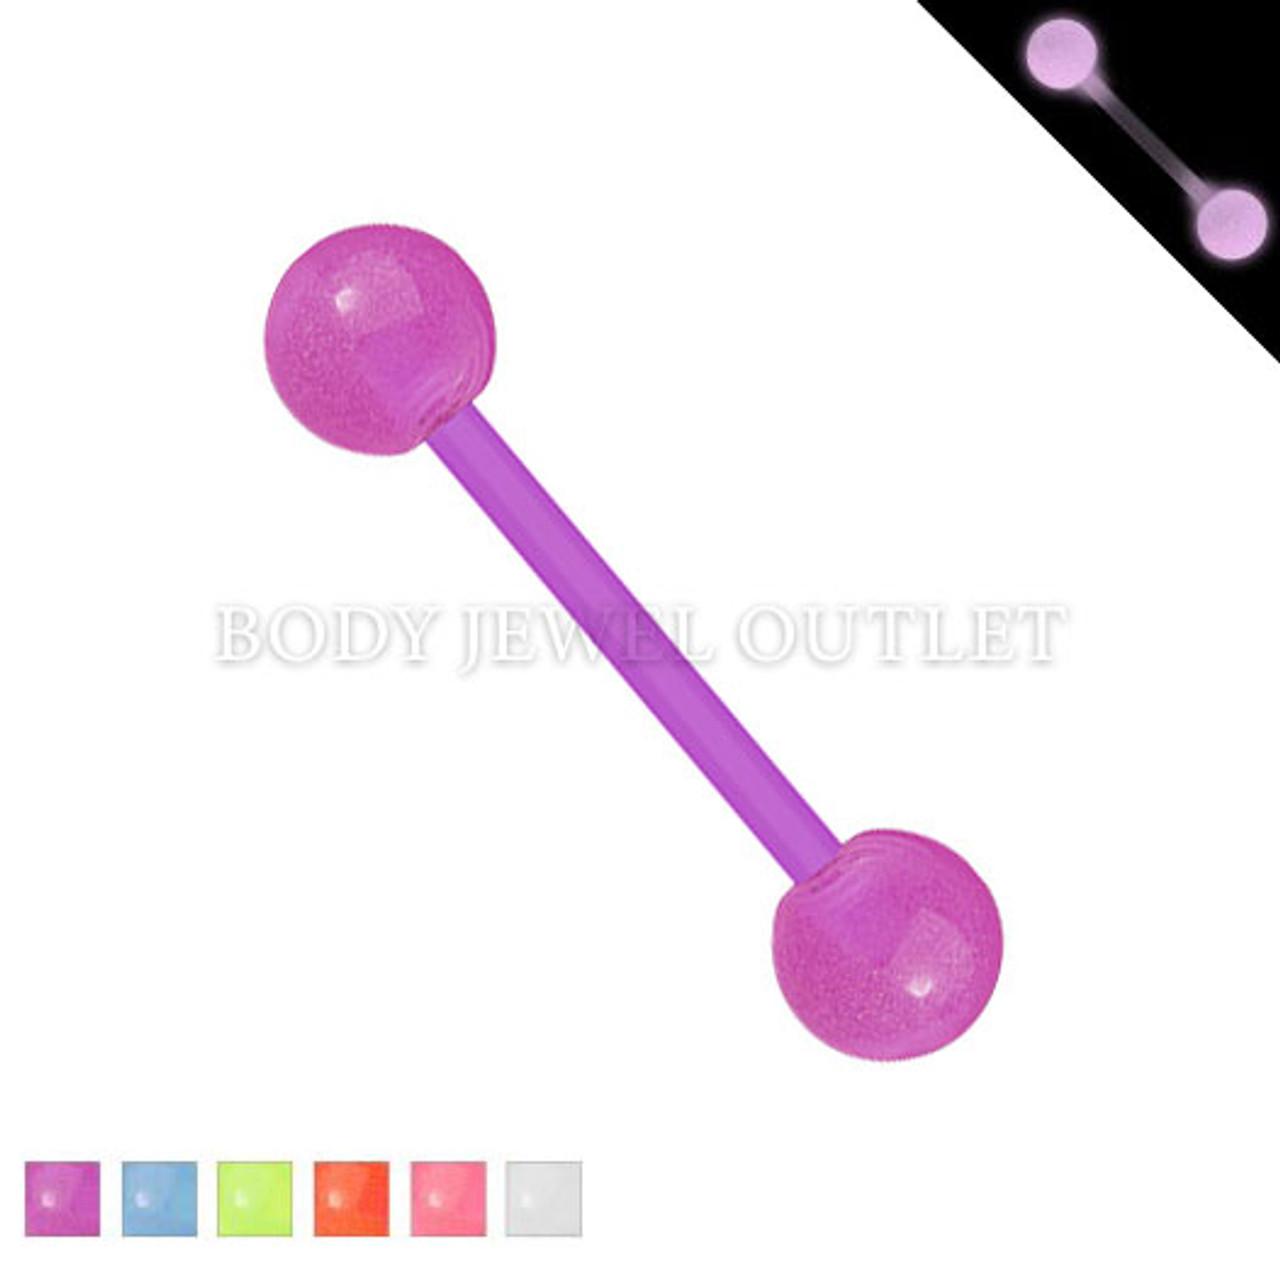 Bio Flex Tongue Piercing Purple Glow in Dark | BodyJewelOutlet